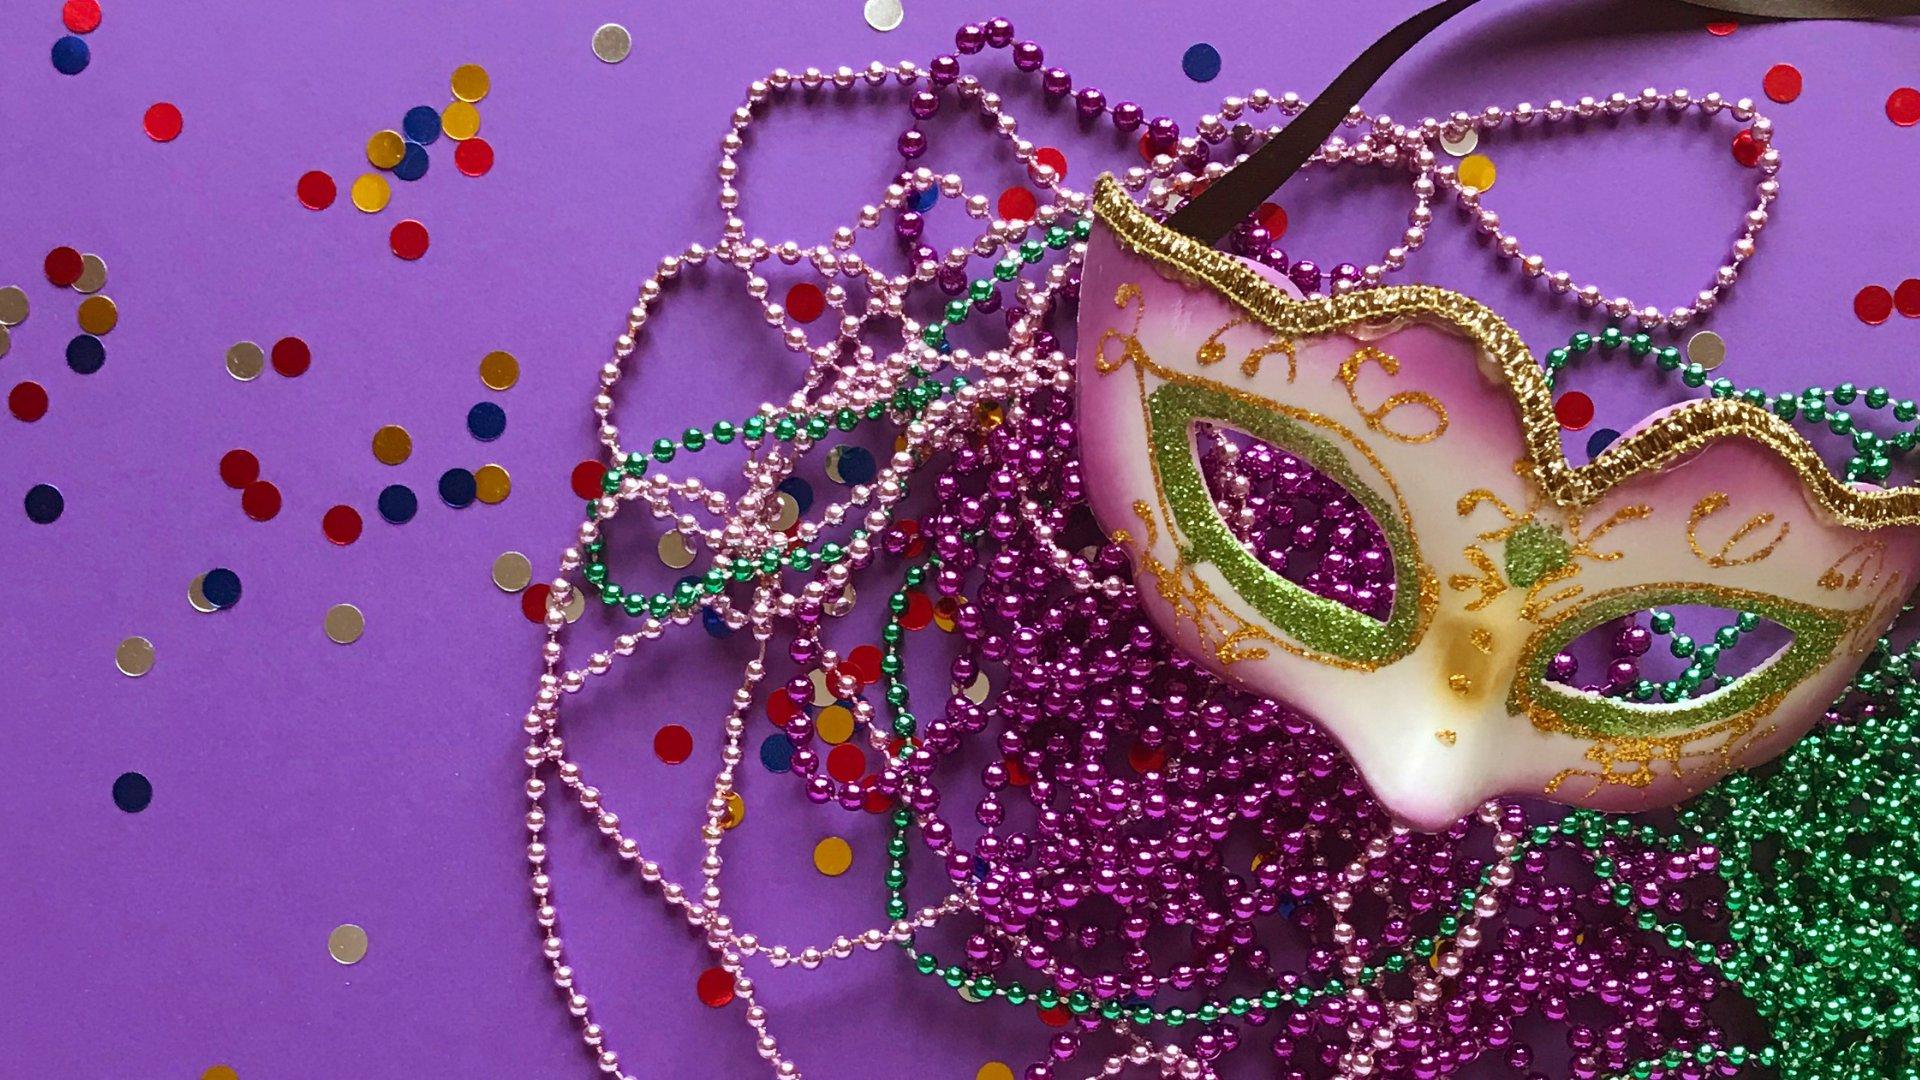 Máscara de carnaval no fundo roxo com confetes e colares coloridos de conta